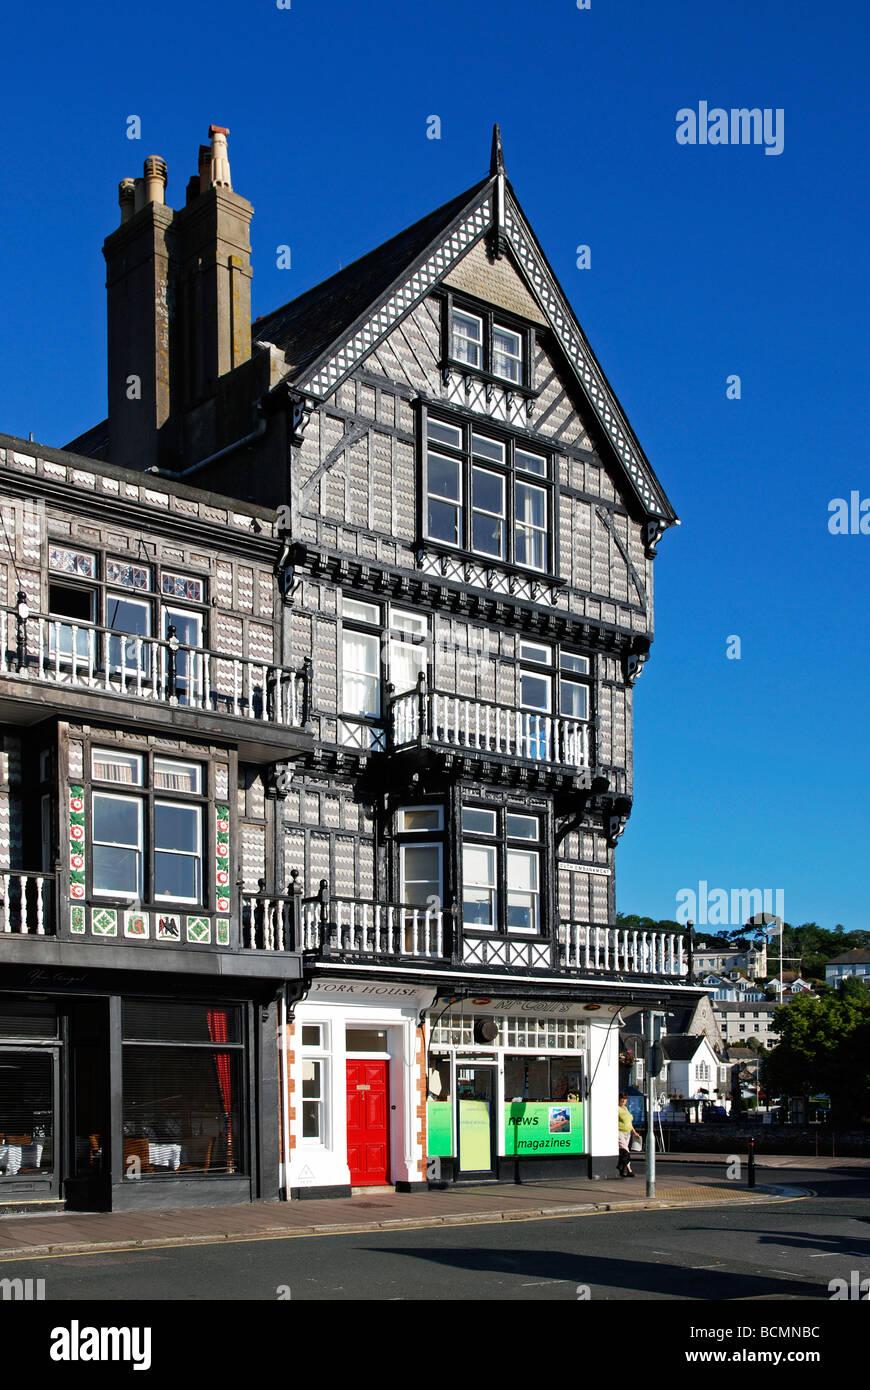 Architettura tudor, Dartmouth, Devon, Regno Unito Immagini Stock